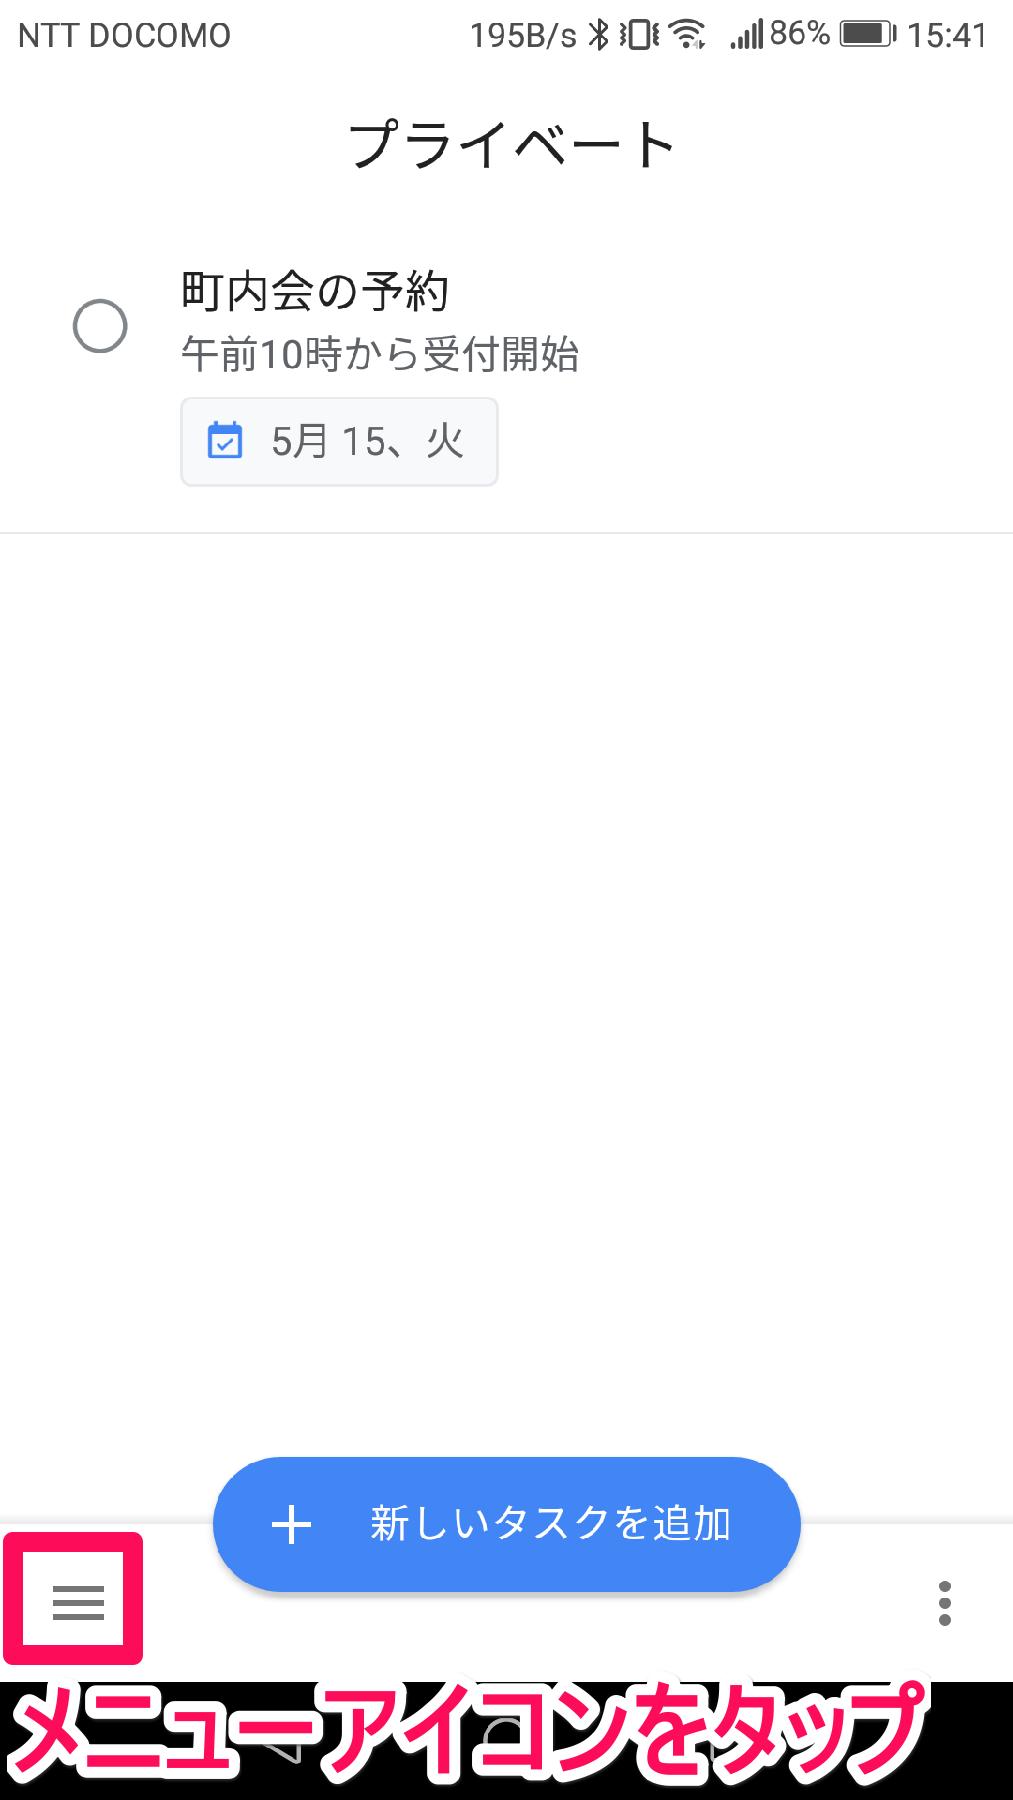 Google ToDoリストアプリ(グーグル トゥドゥリストアプリ)のトップ画面